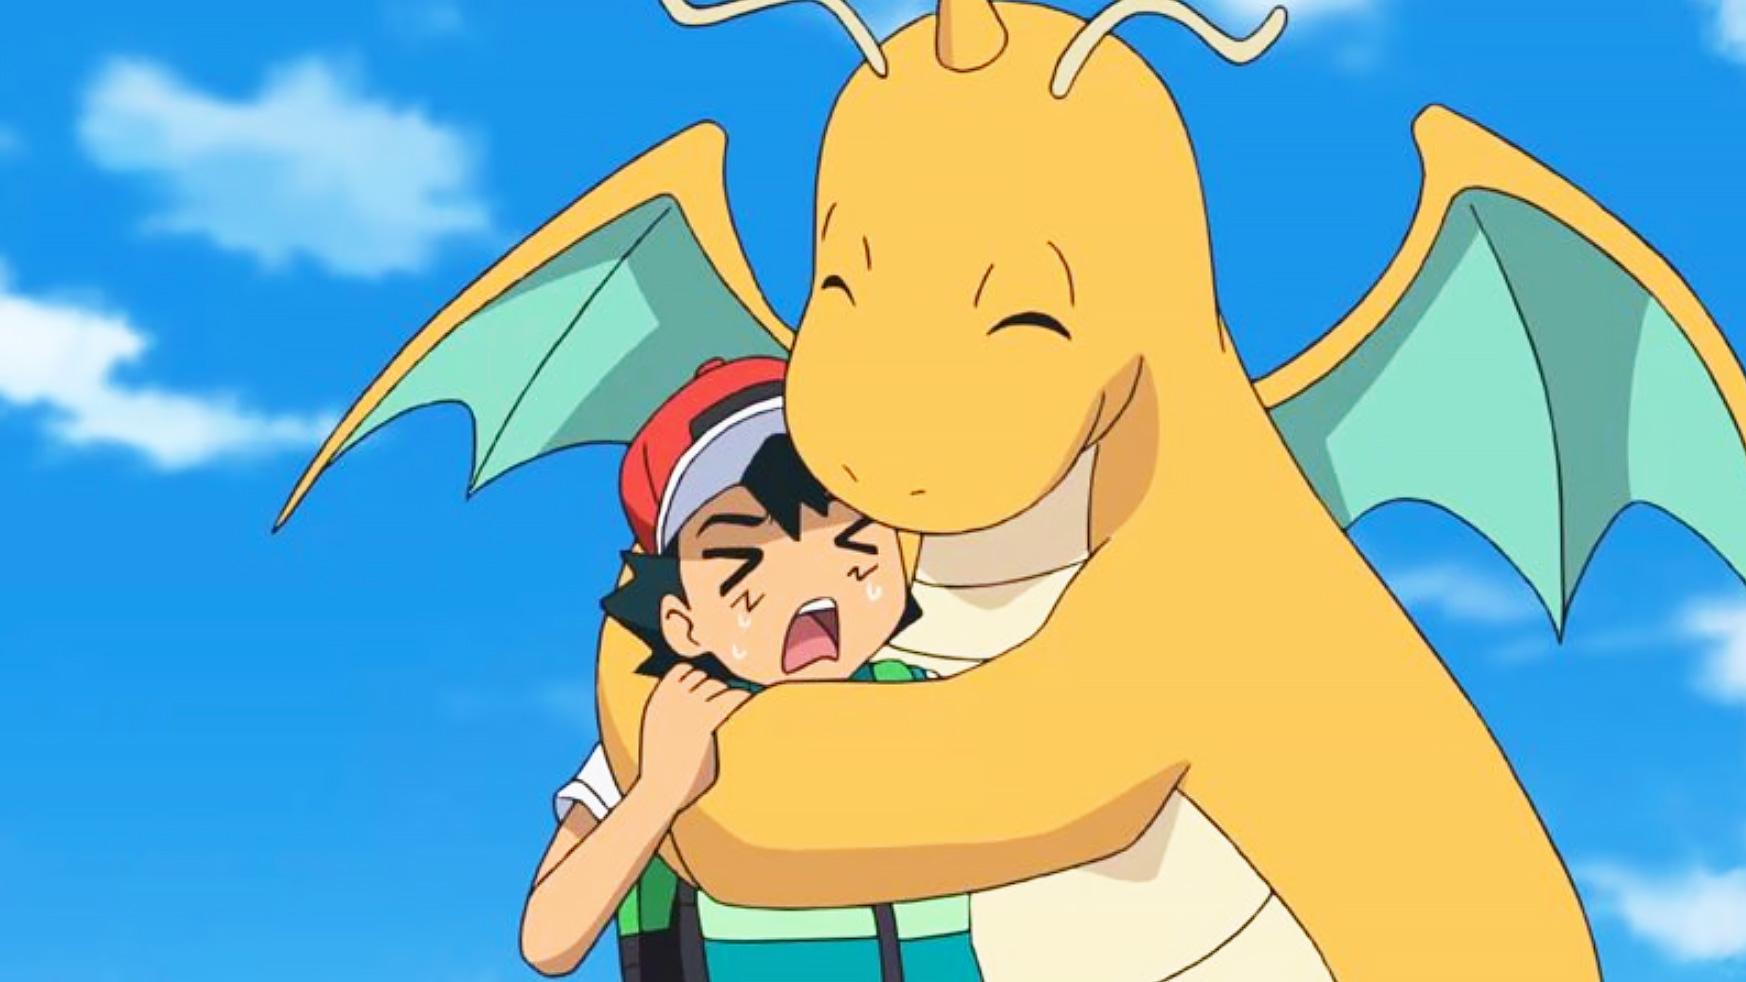 dragonite hugging ash